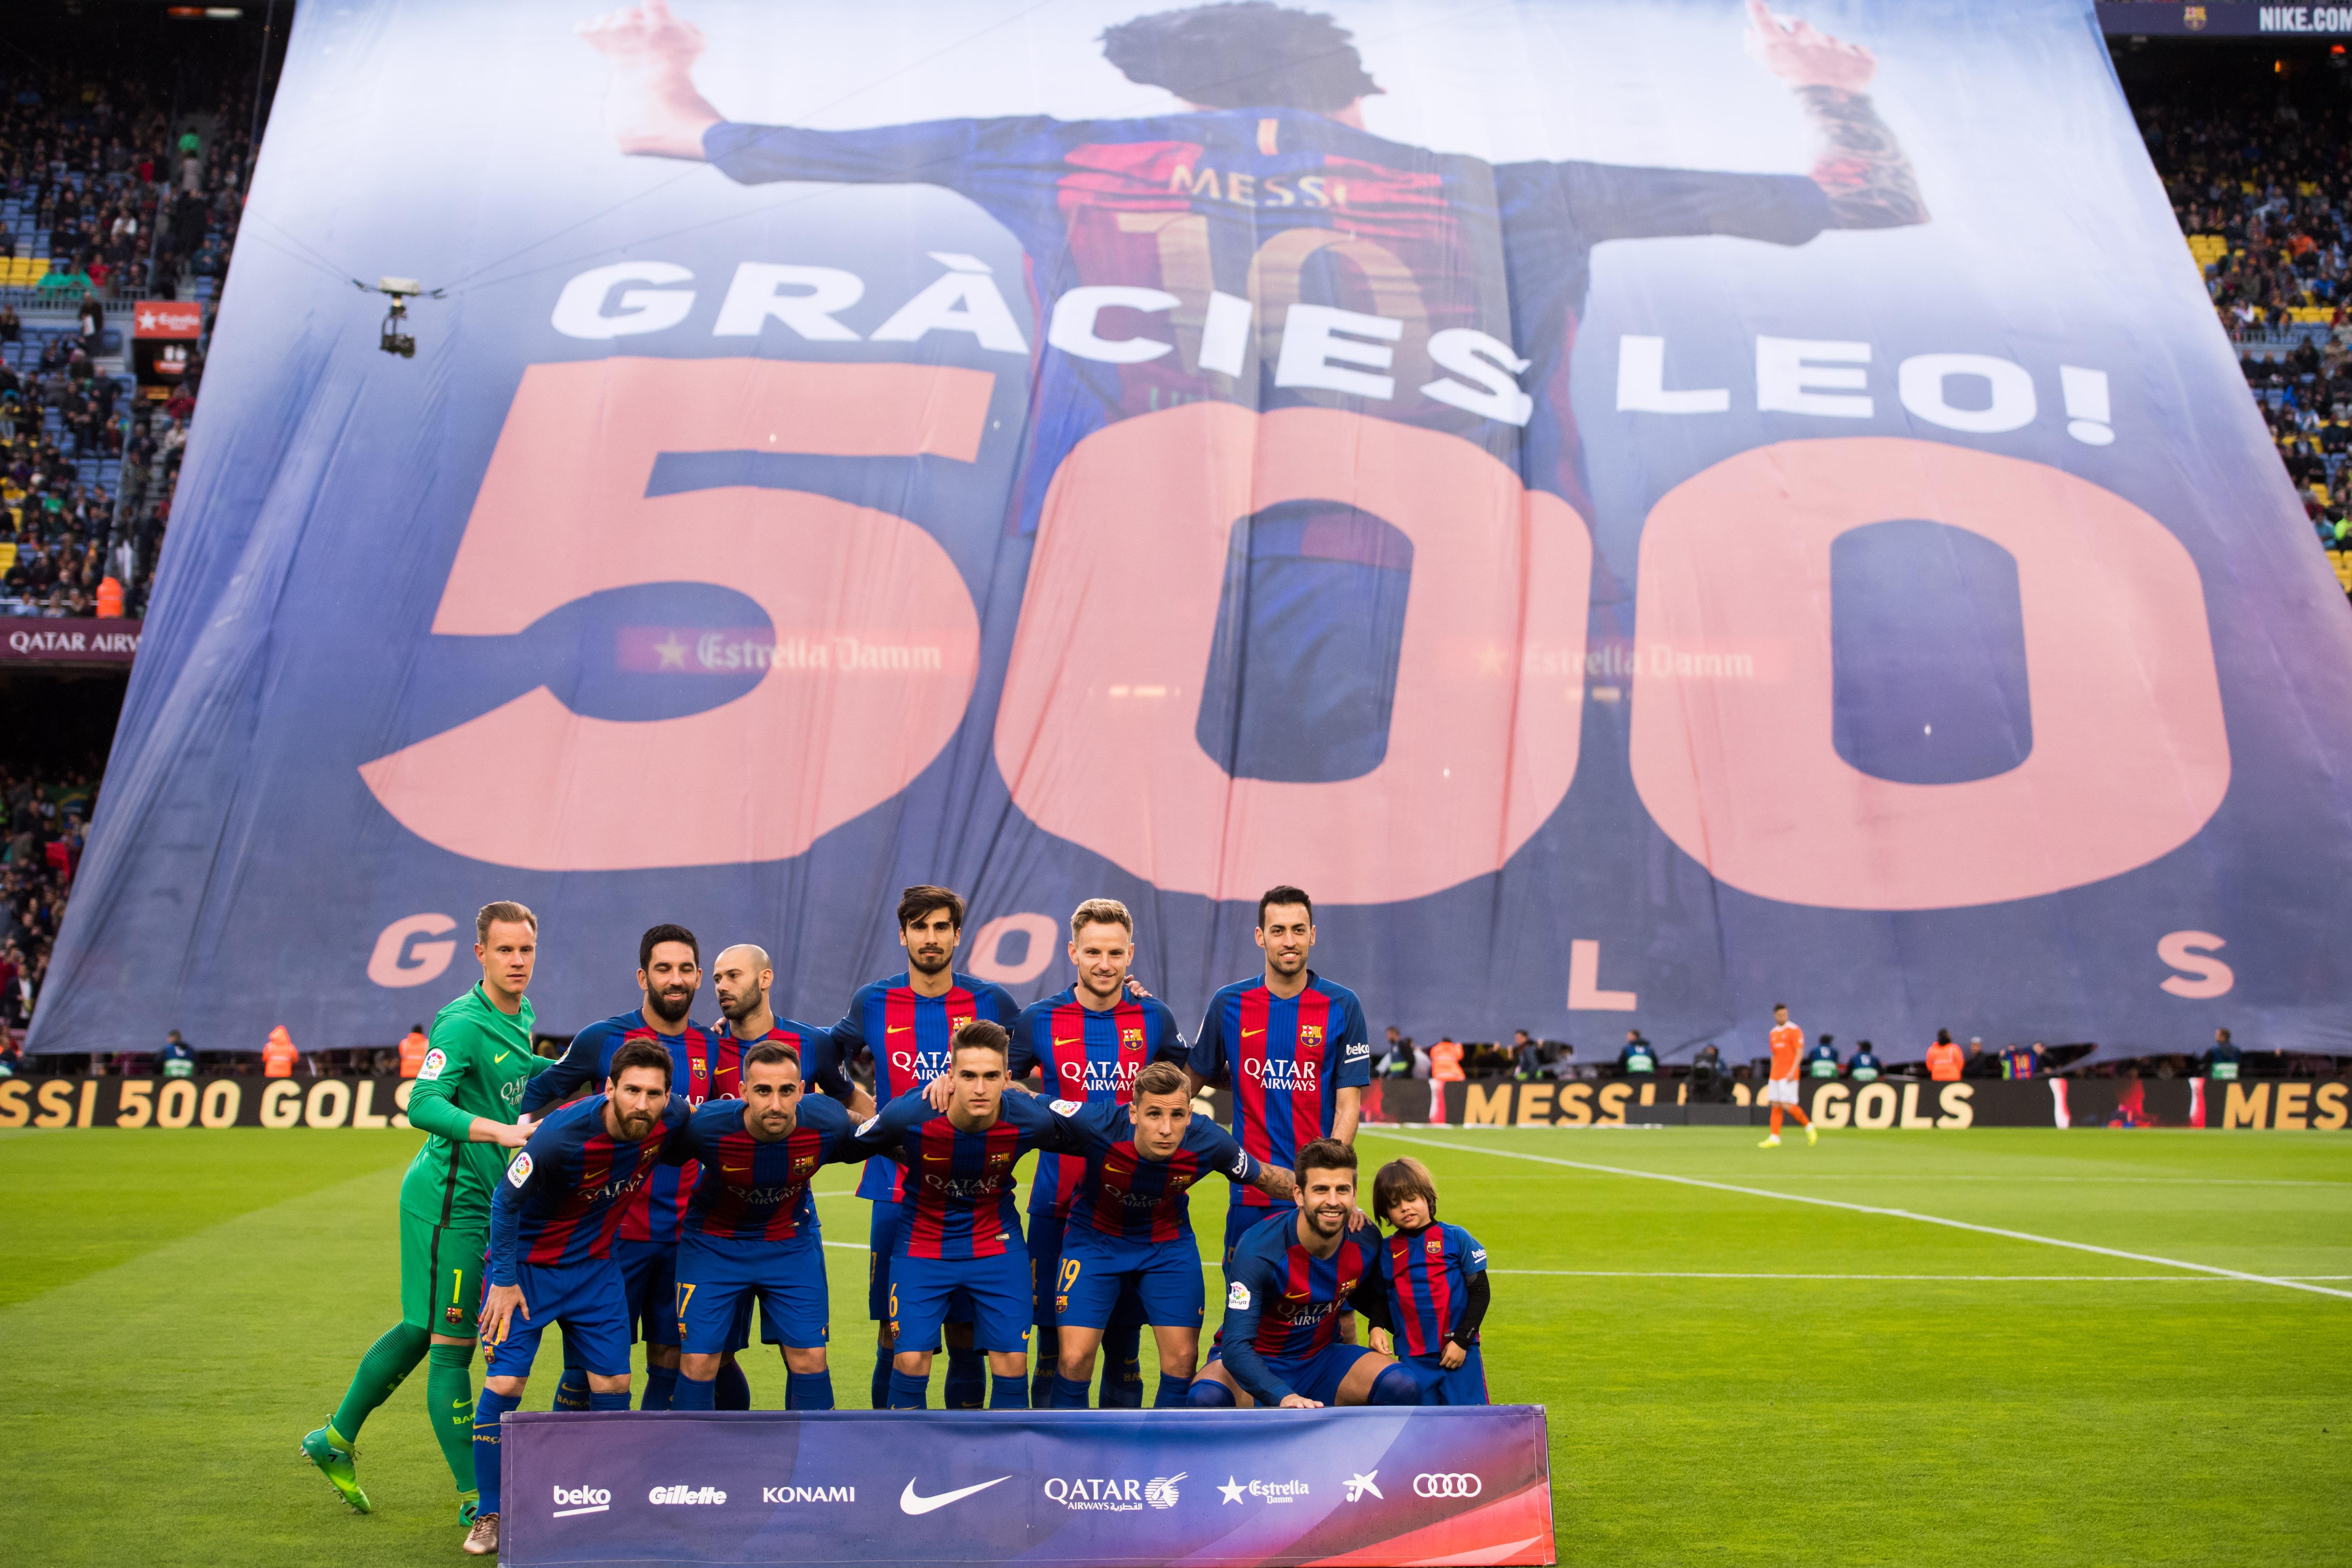 Barcelona mantiene su liderato con goleada 7-1 contra Osasuna en la Liga de España